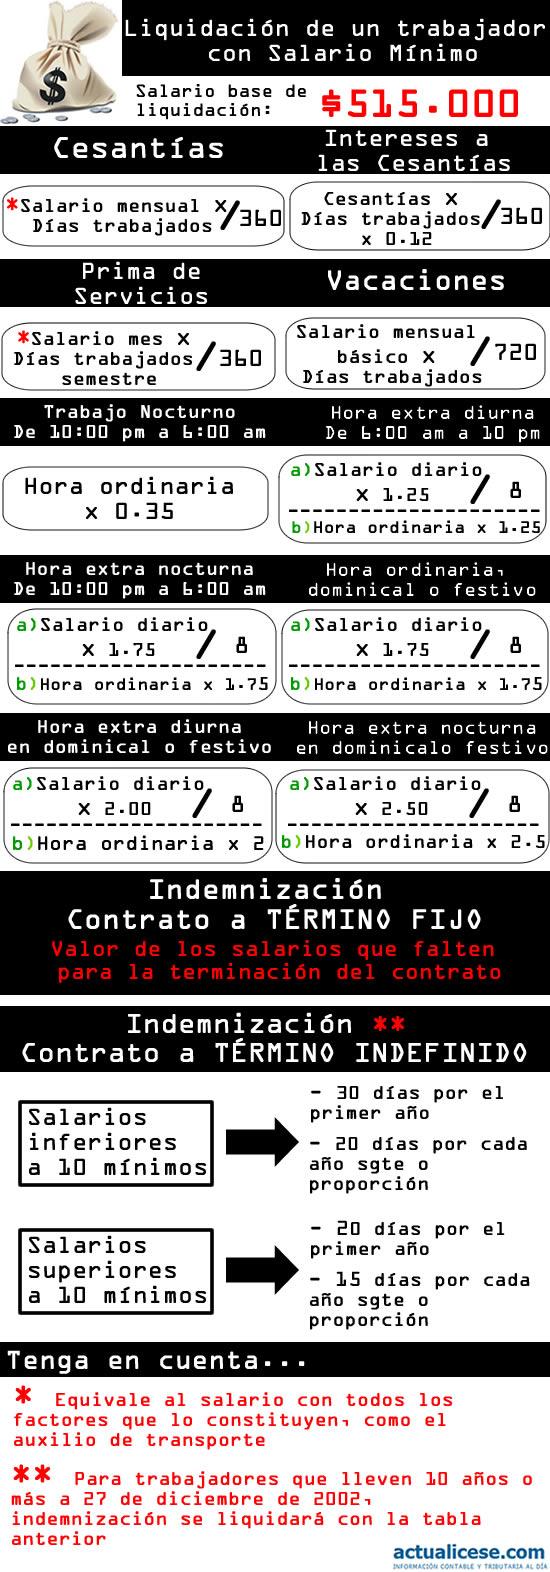 liquidacion-de-un-trabajador-con-salario-minimo